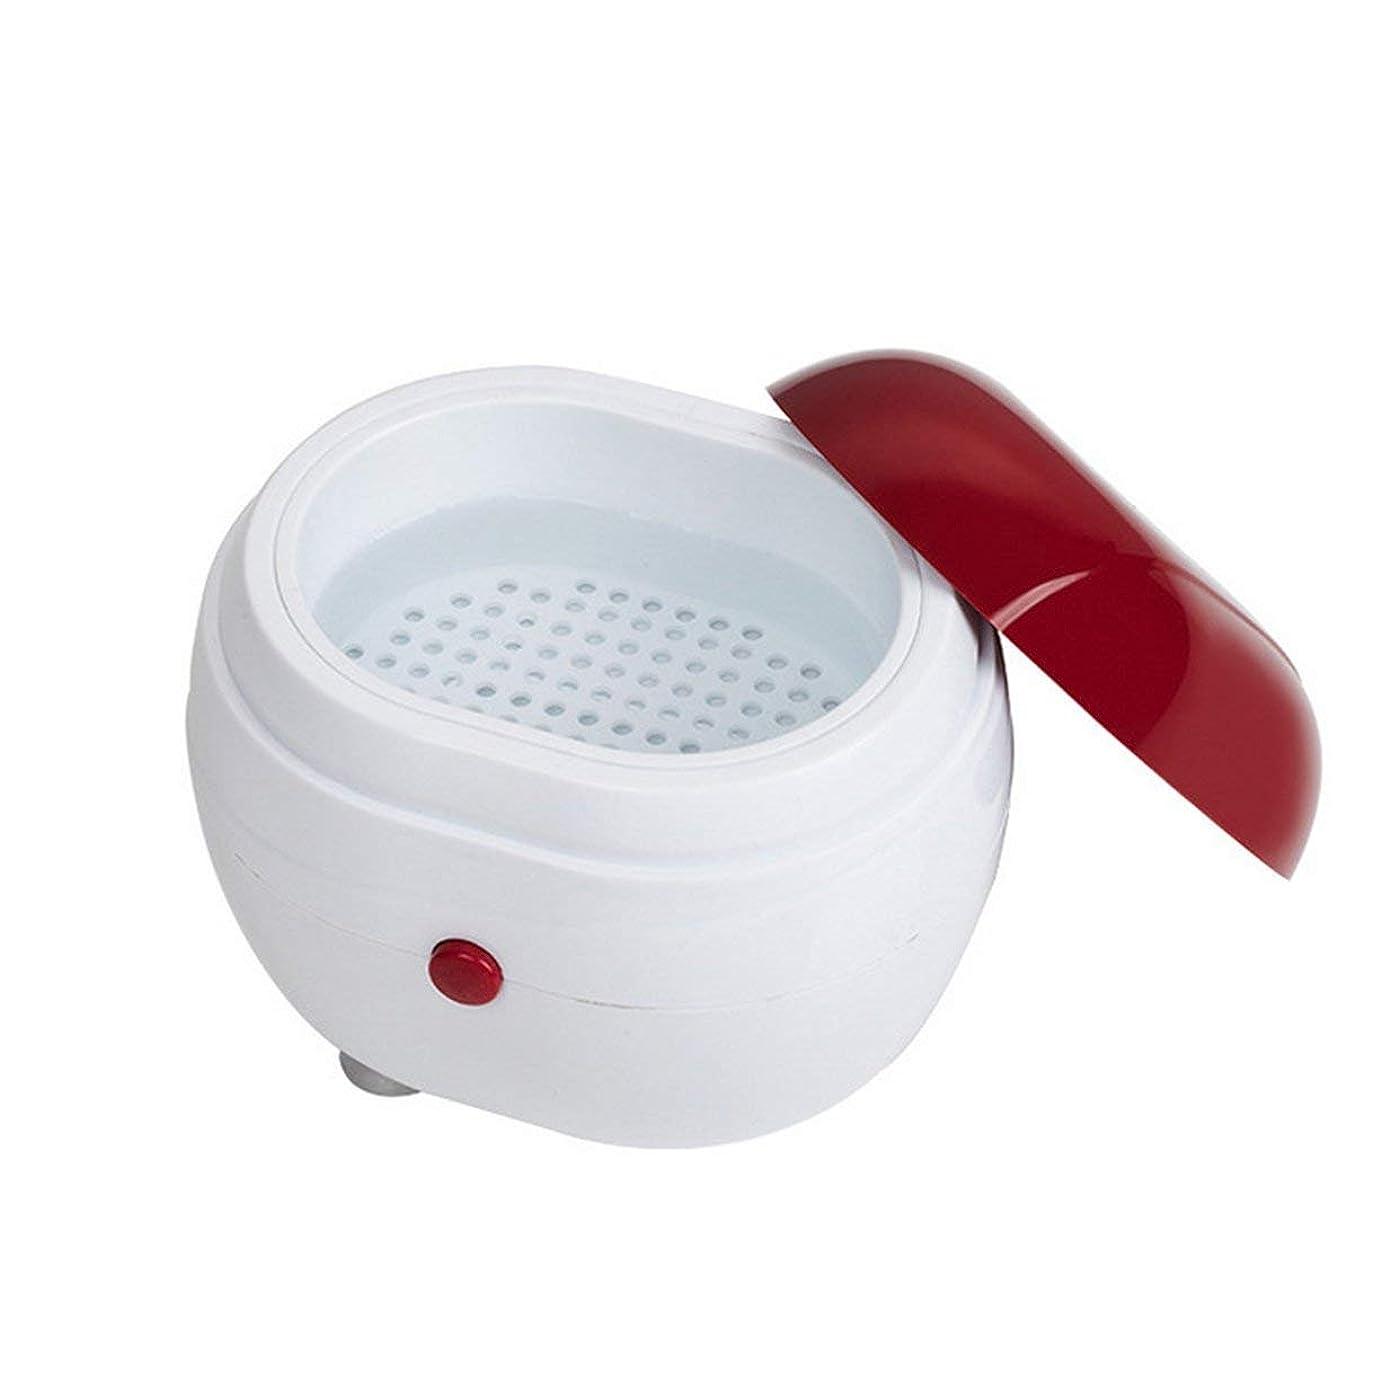 ブリーク発掘するスキーポータブル超音波洗濯機家庭用ジュエリーレンズ時計入れ歯クリーニング機洗濯機クリーナークリーニングボックス - 赤&白